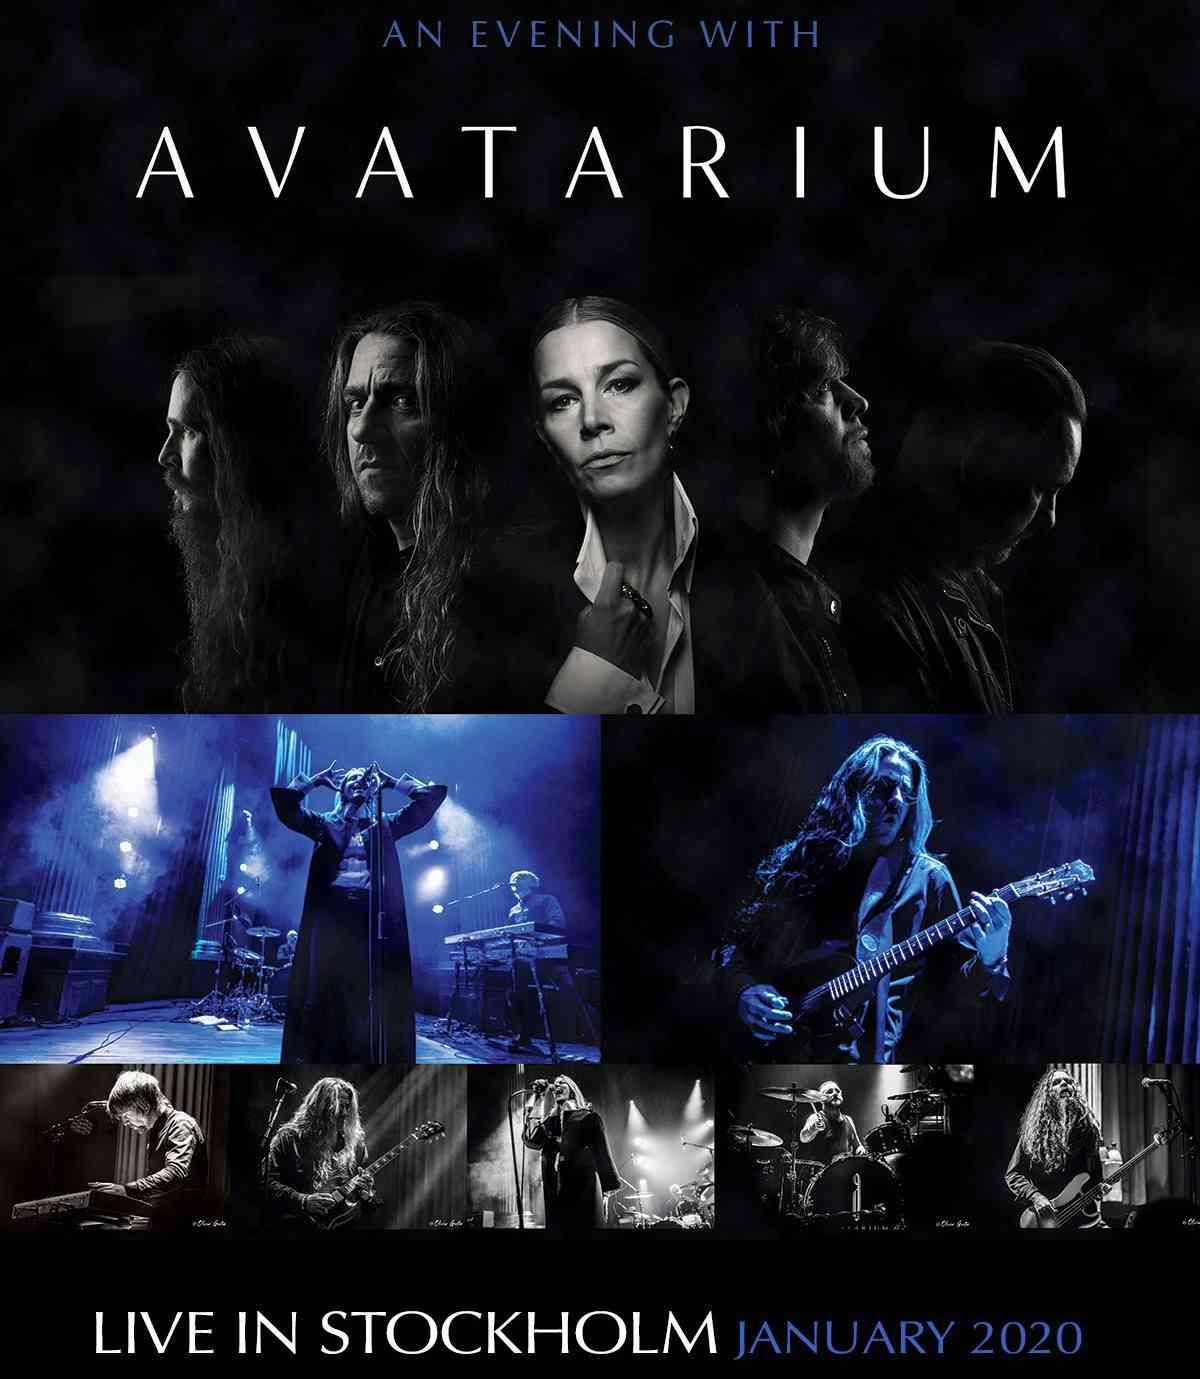 avatarium - An Evening With Avatarium - album cover